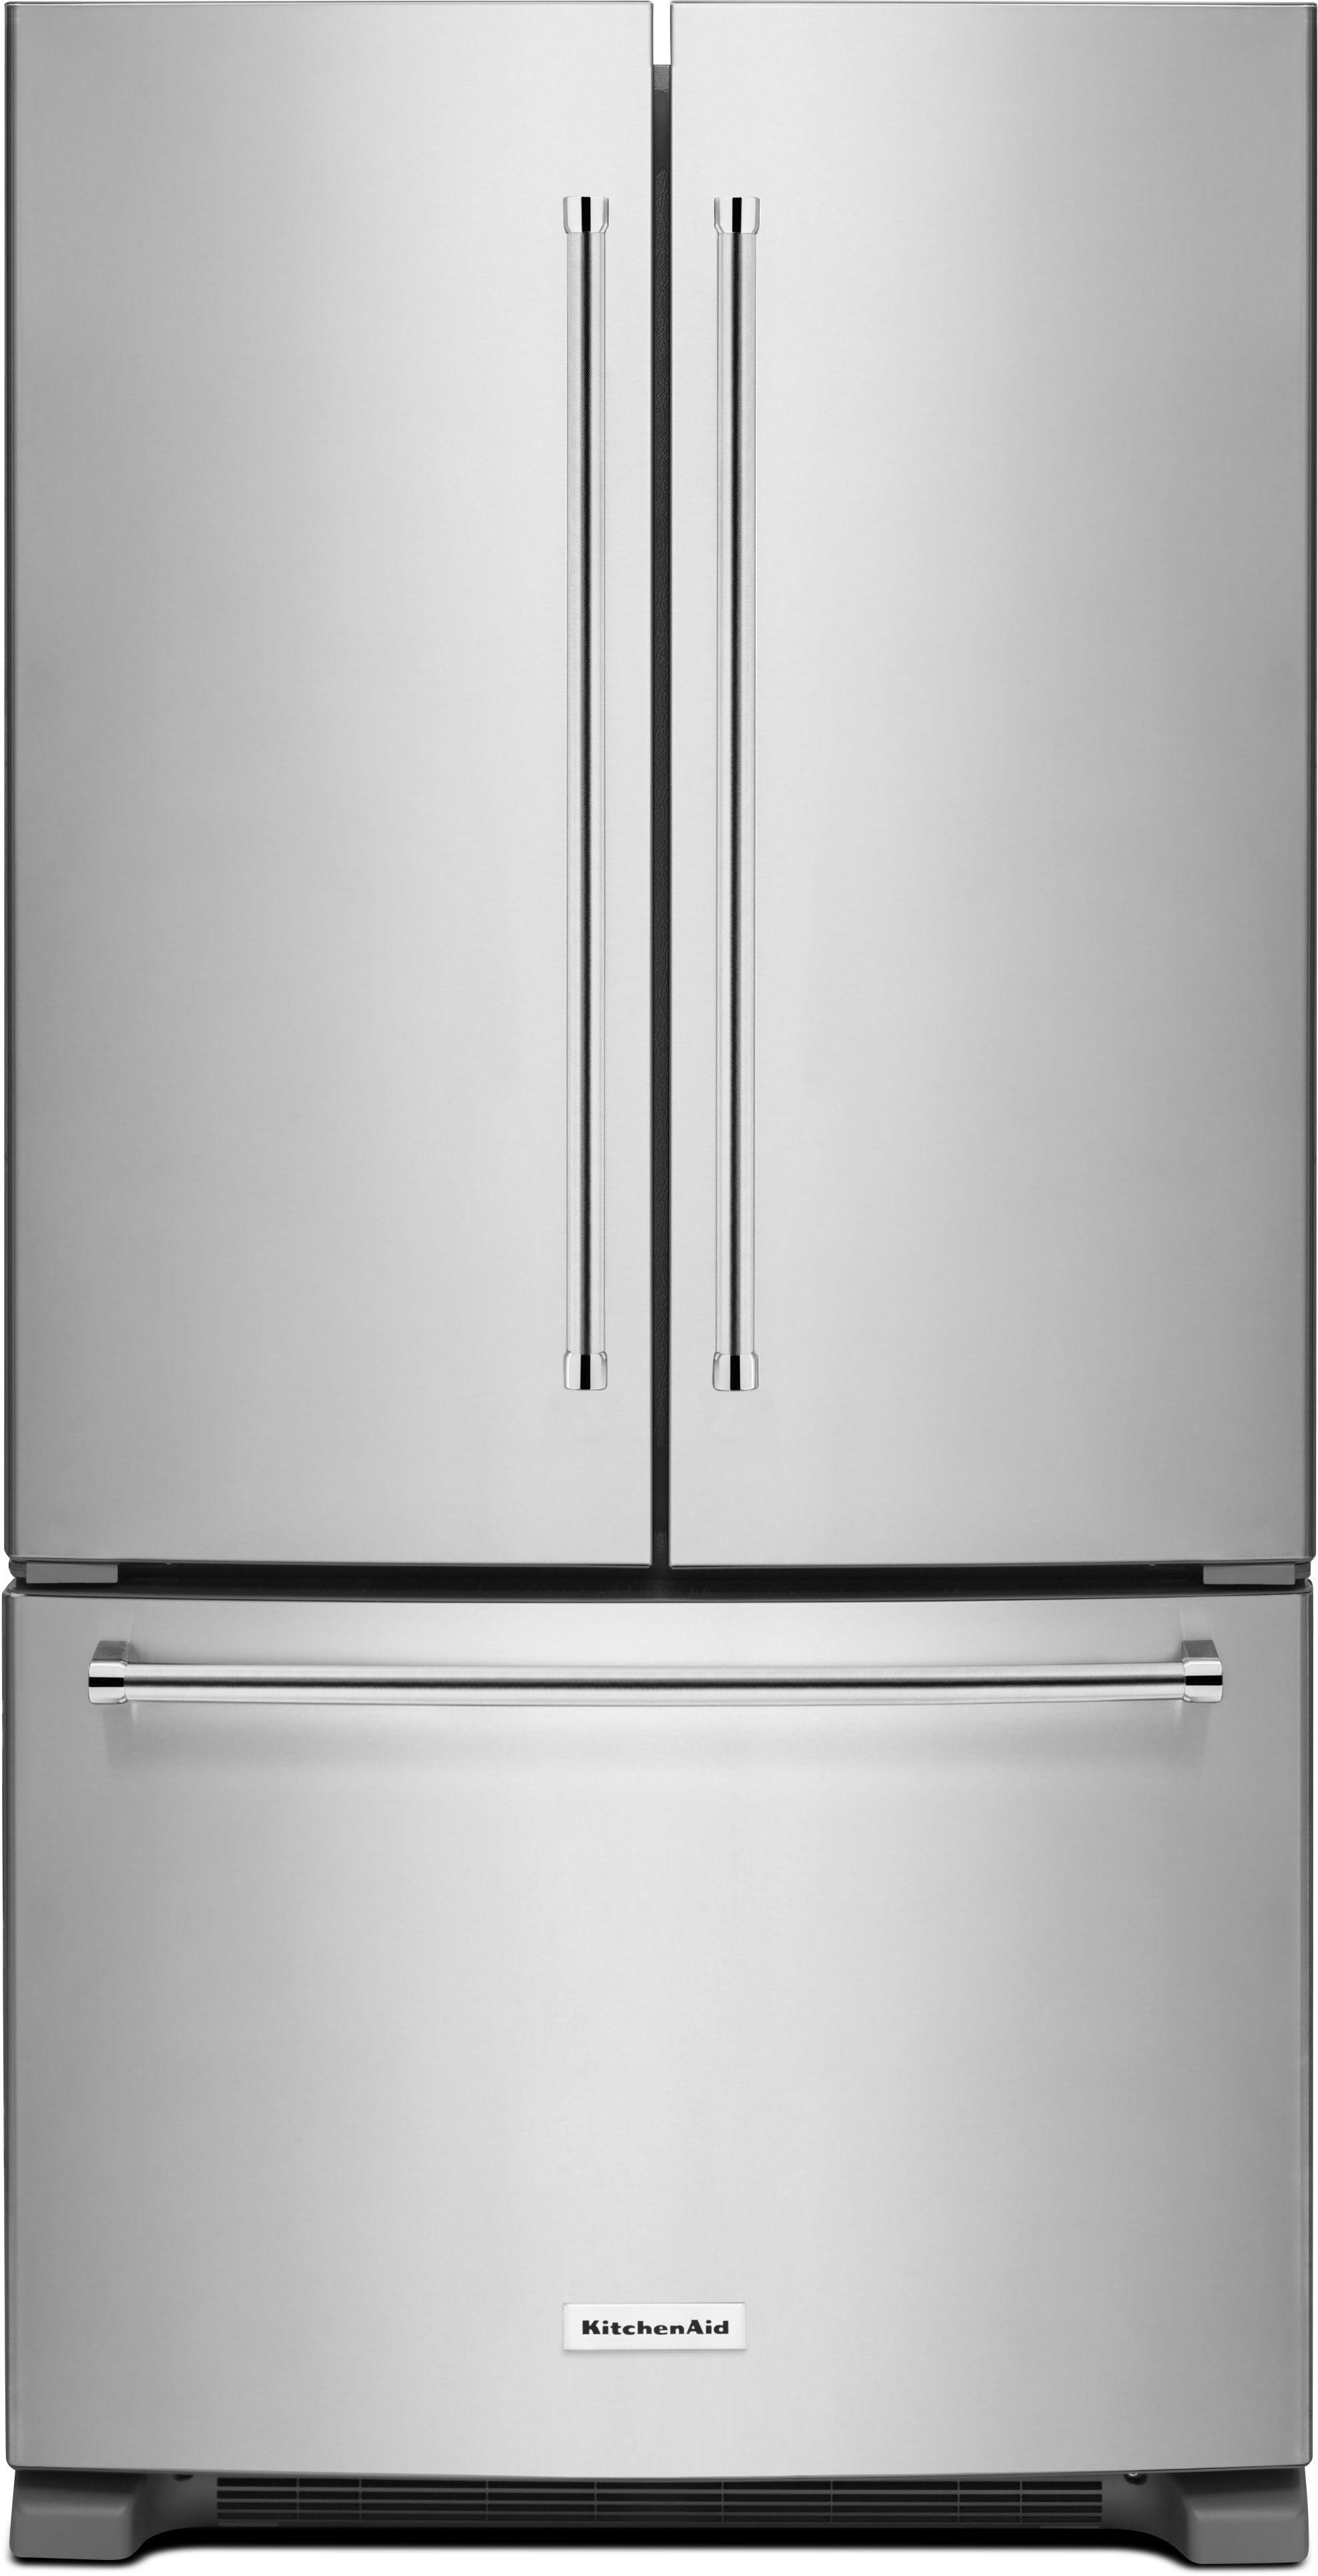 KitchenAid® 25.0 Cu. Ft. French Door Refrigerator Stainless  Steel KRFF305ESS ...